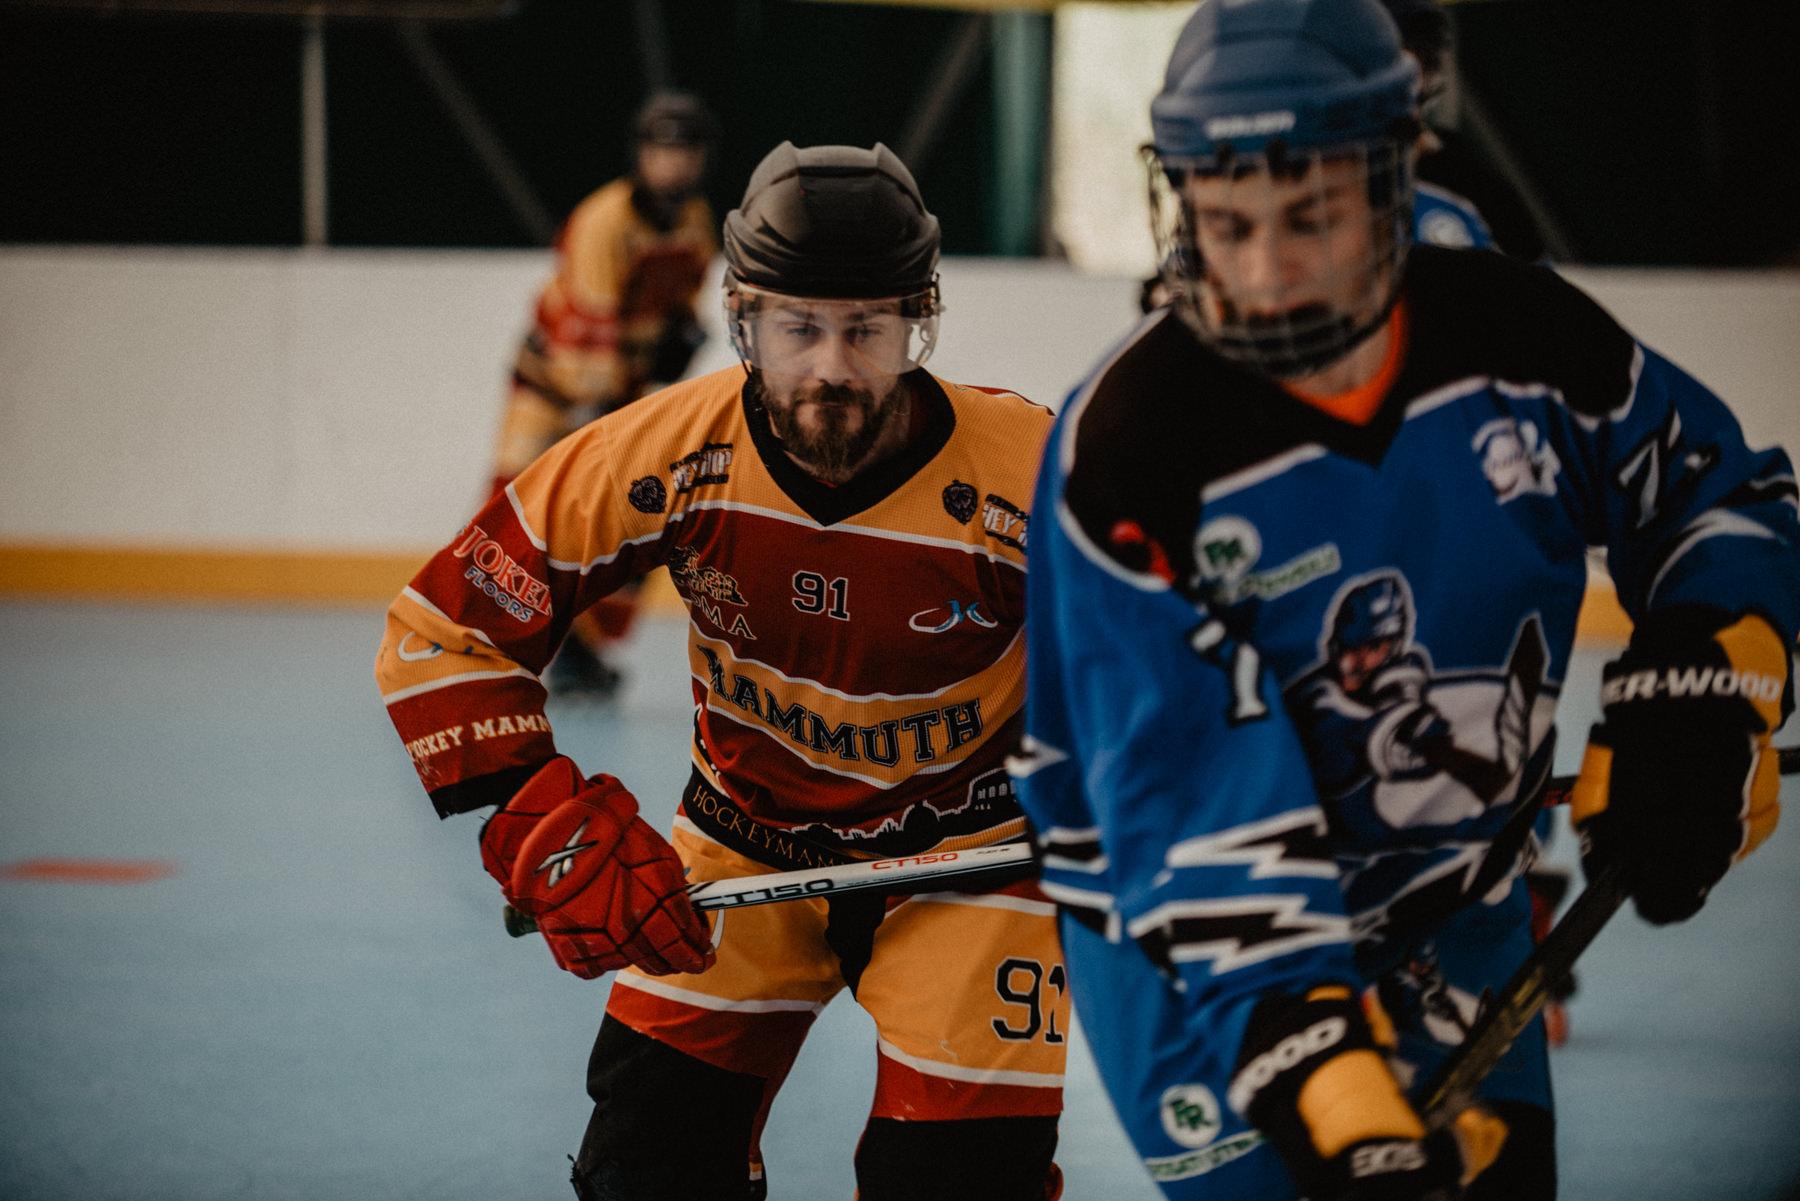 hockey roma, inline hockey roma, mammuth hockey, mammuth roma, rita foldi photography, sports photography, firs, coppa italia